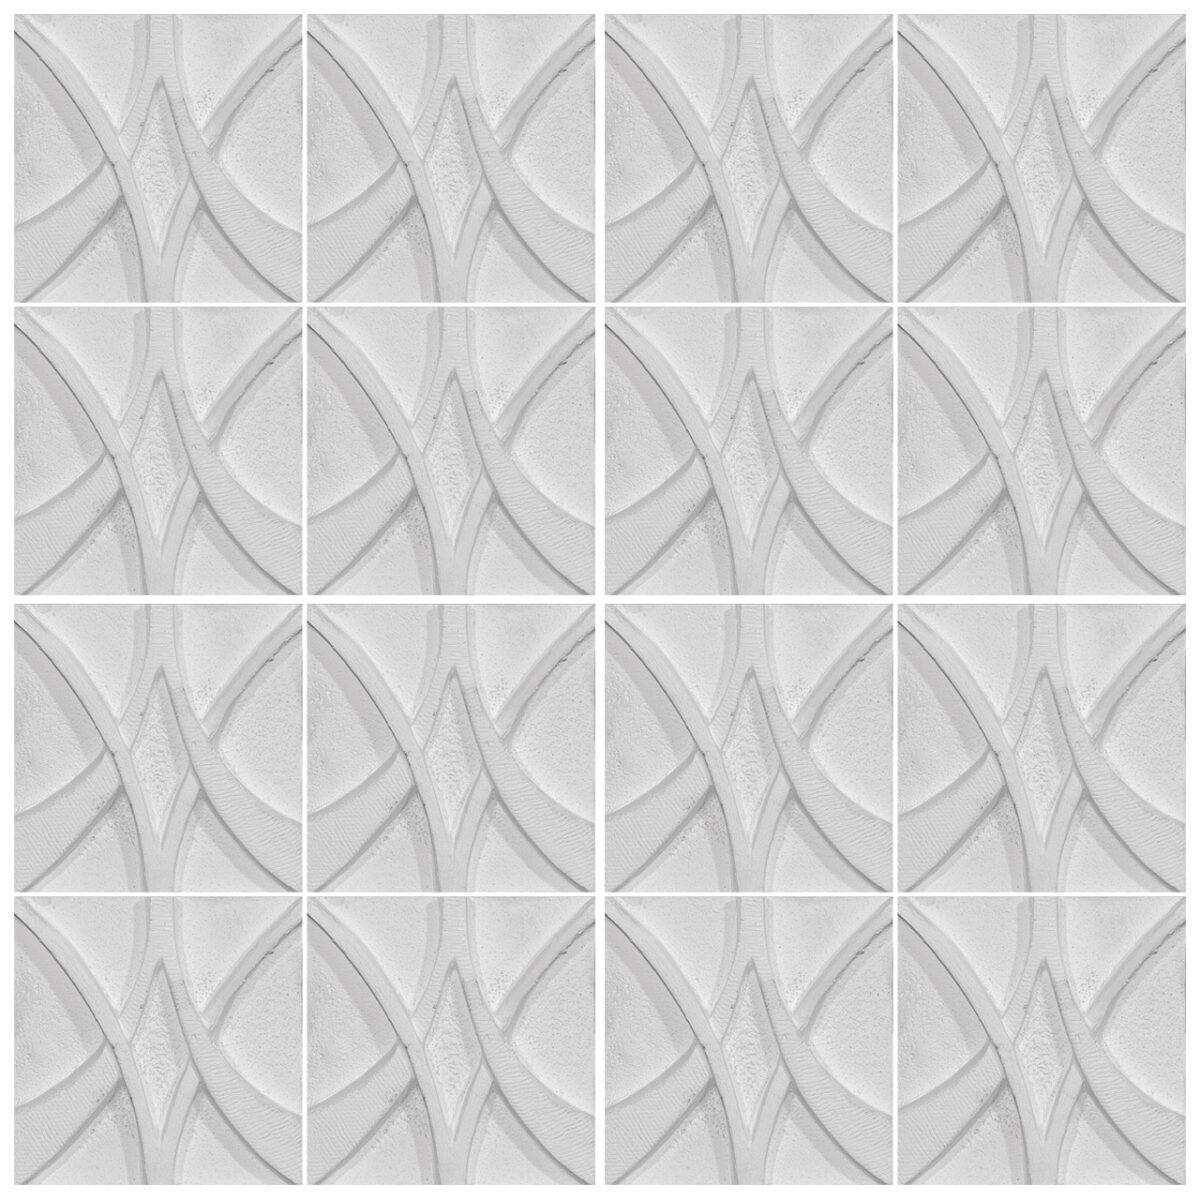 دیوارپوش تندیس و پیکره شهریار مدل آمای کد W1010-10 بسته 16 عددی